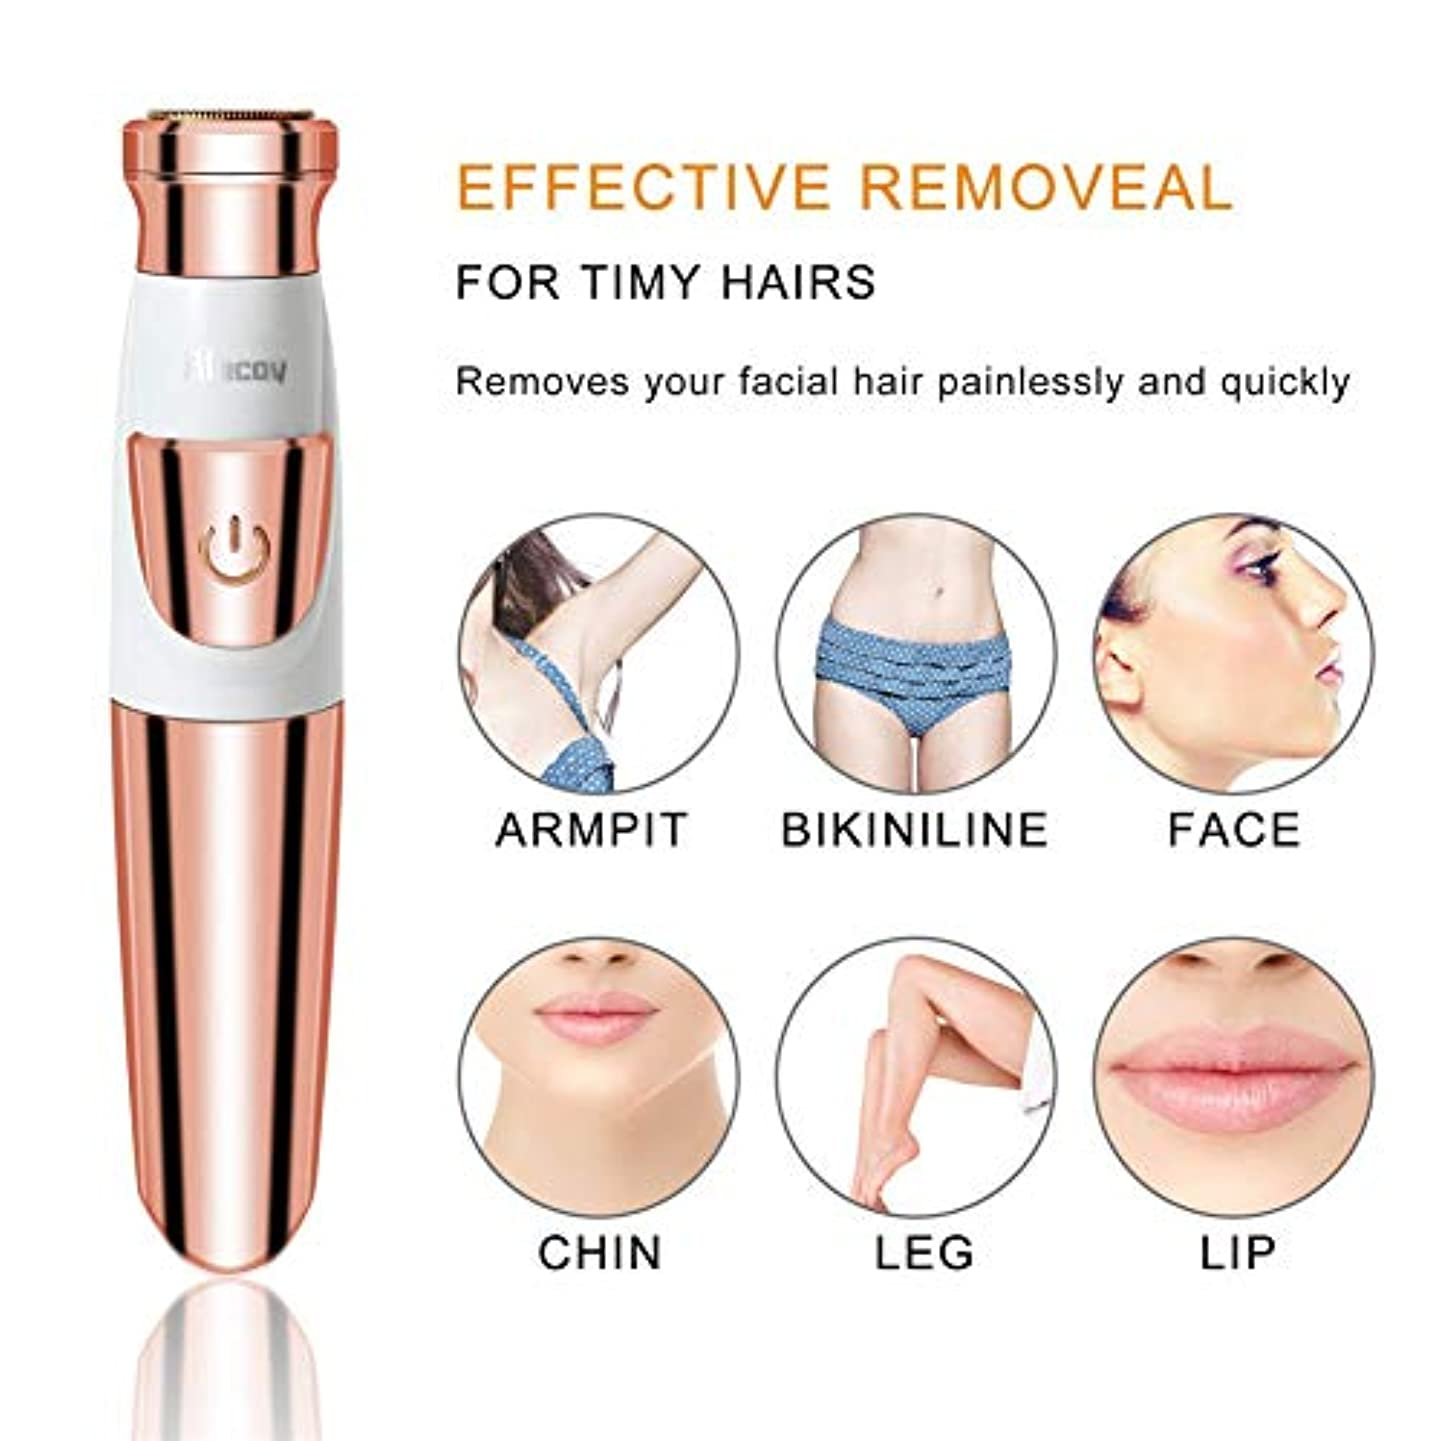 電気シェーバー、女性の痛みのない体の顔の電気シェーバー、USB充電式、女性のための脱毛剤